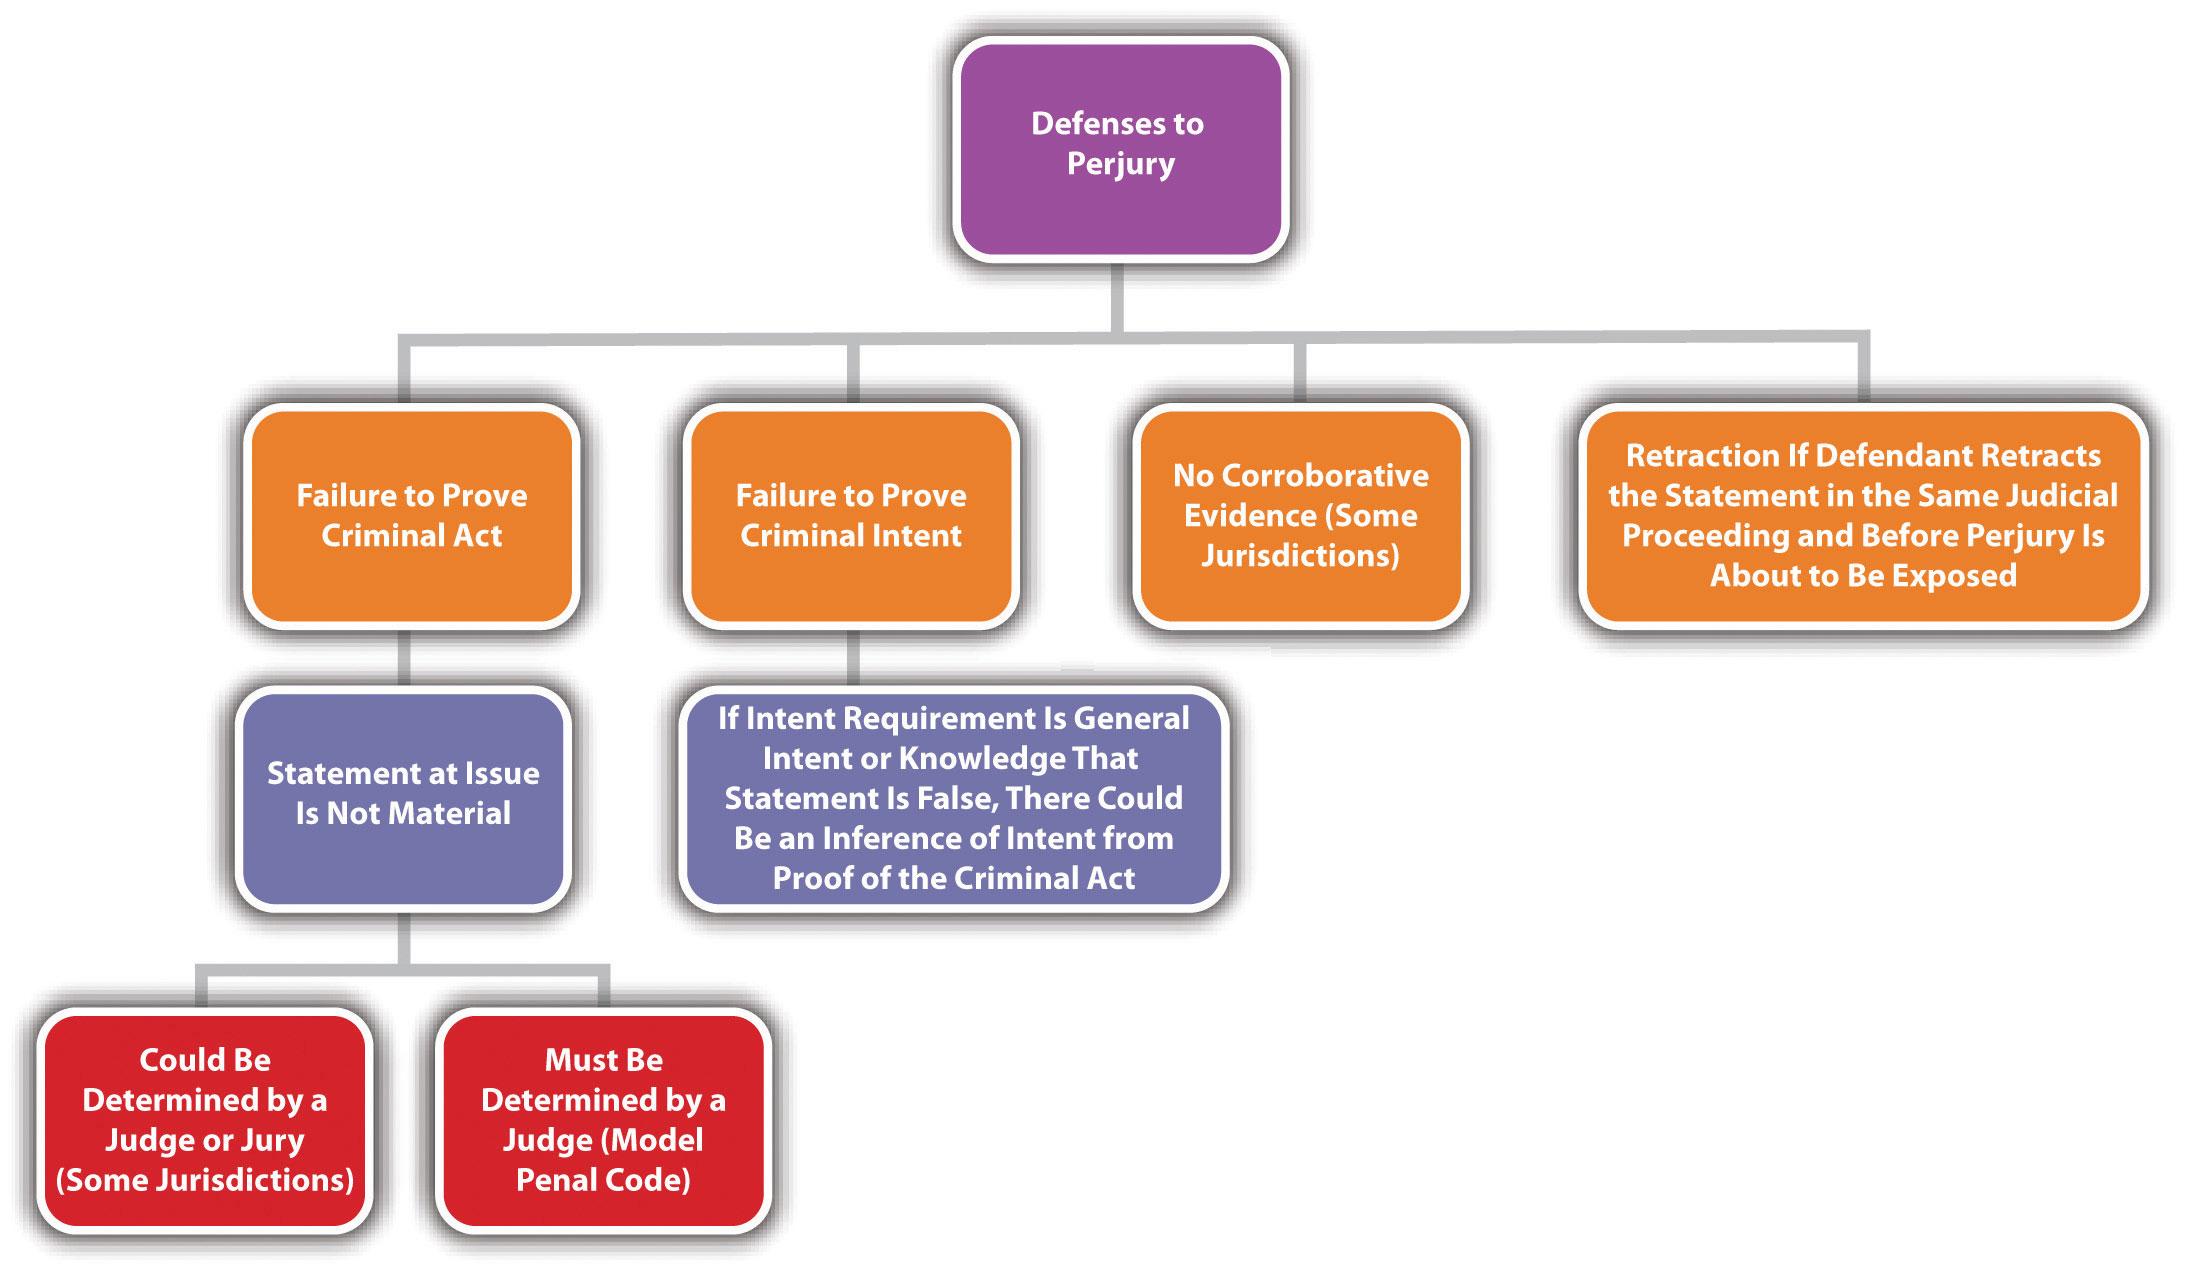 Diagram of Defenses to Perjury